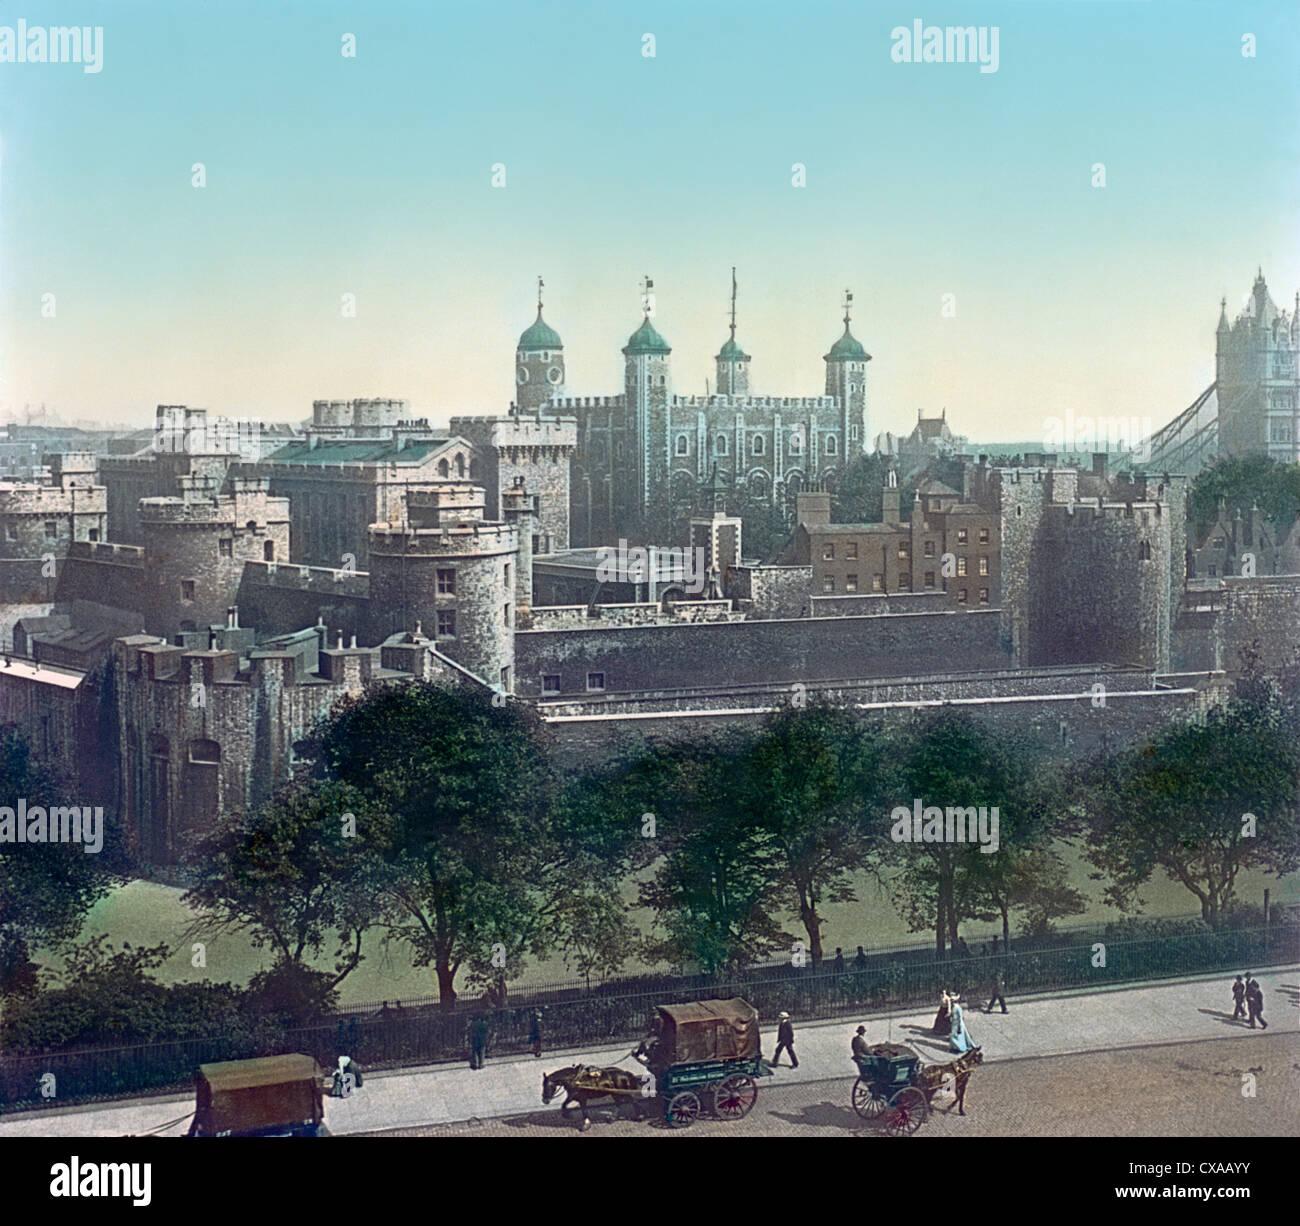 Tour de Londres, Londres, Angleterre, 1897 Banque D'Images